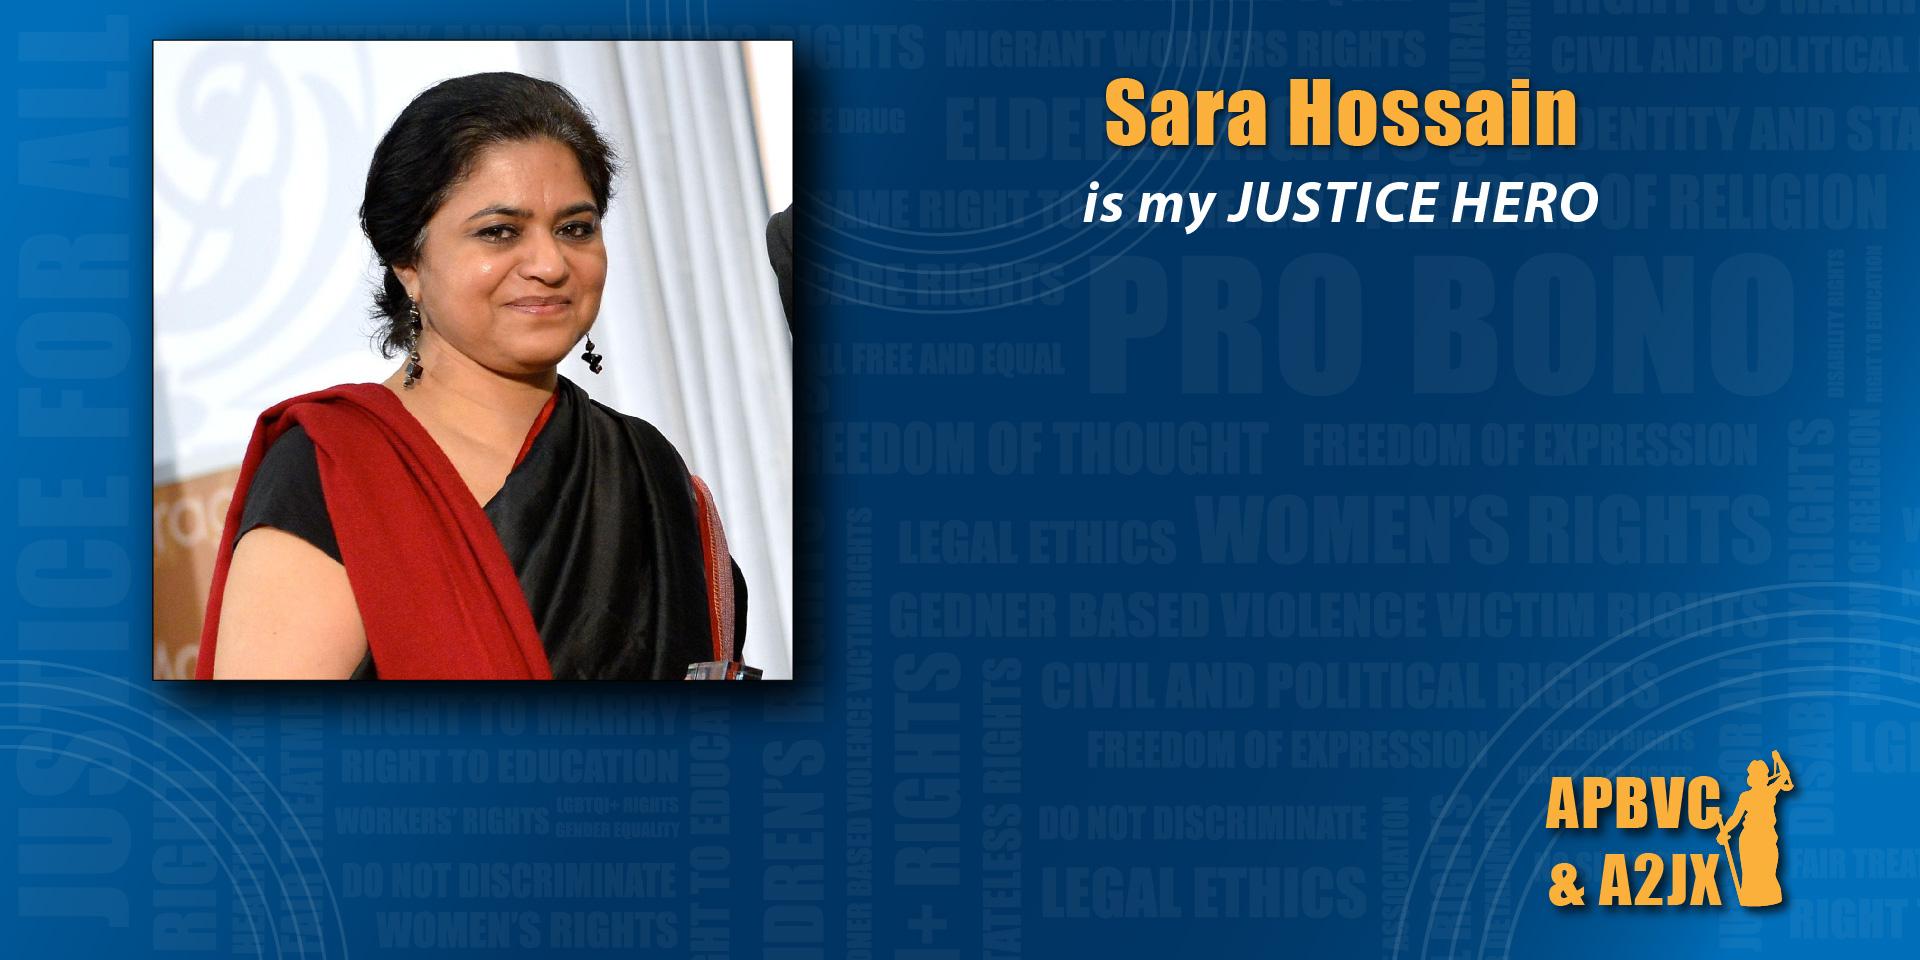 Sara Hossain